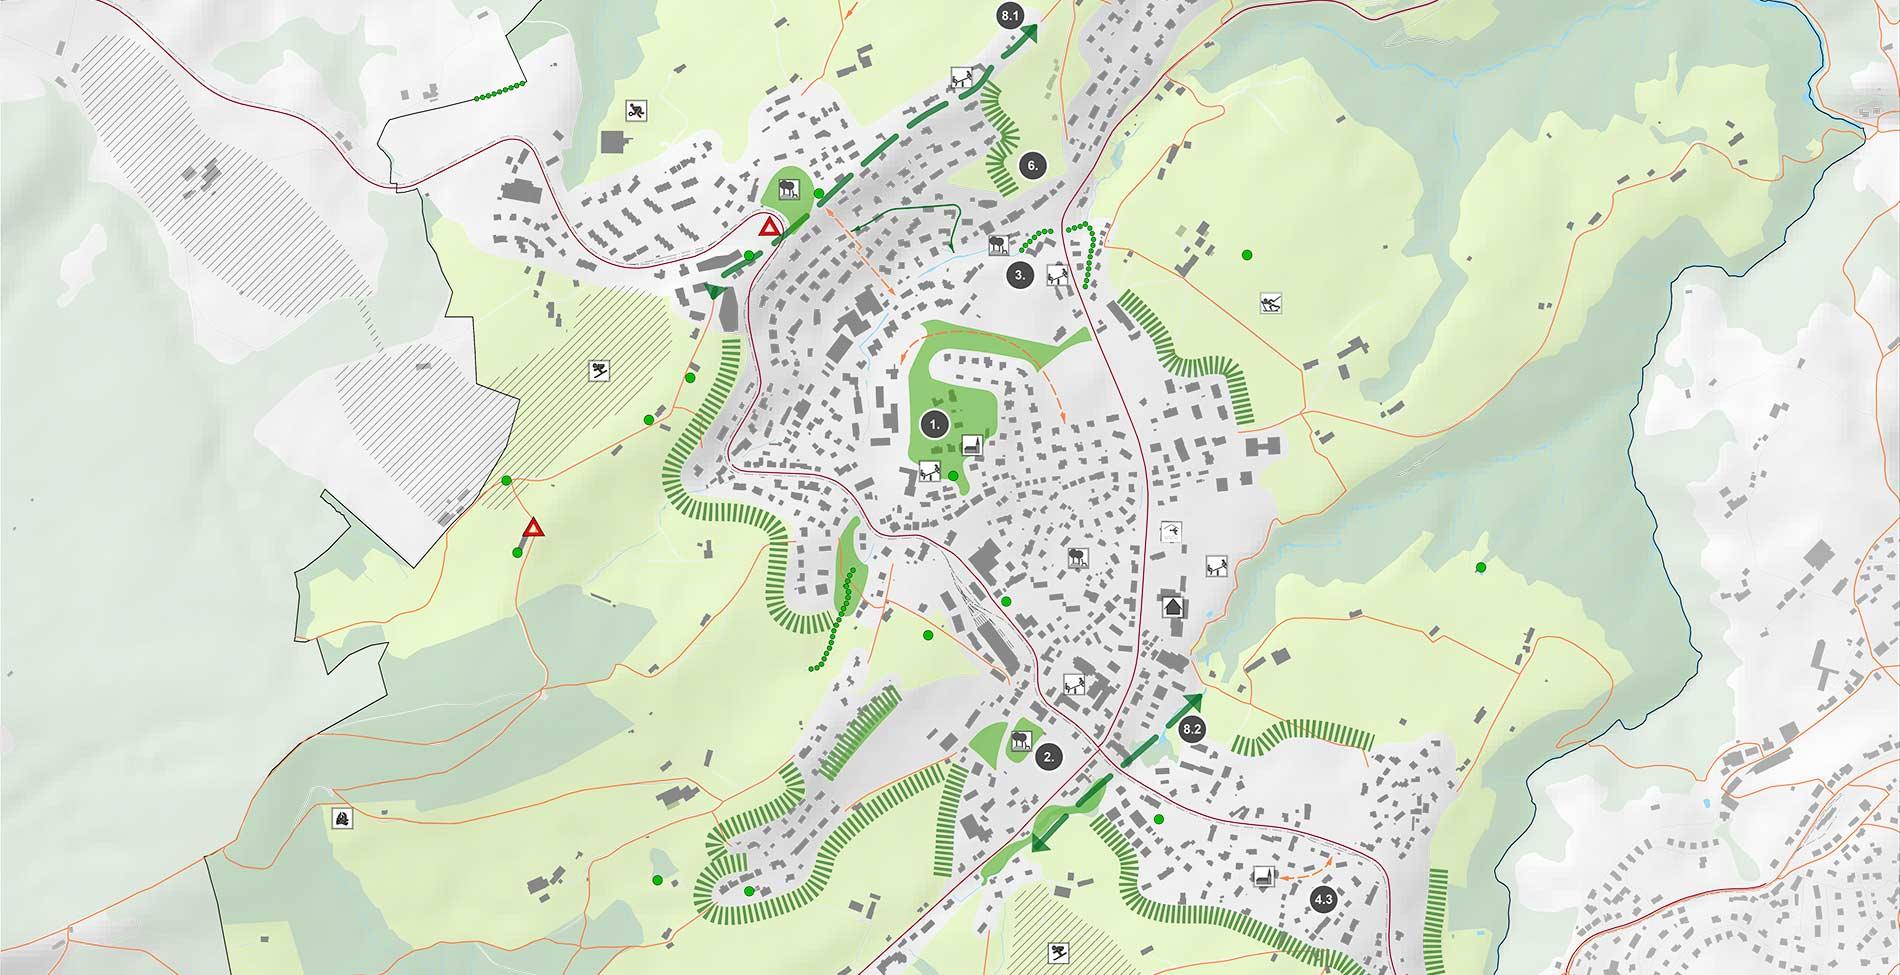 Perspektive Speicher Freiraum Plan Detail